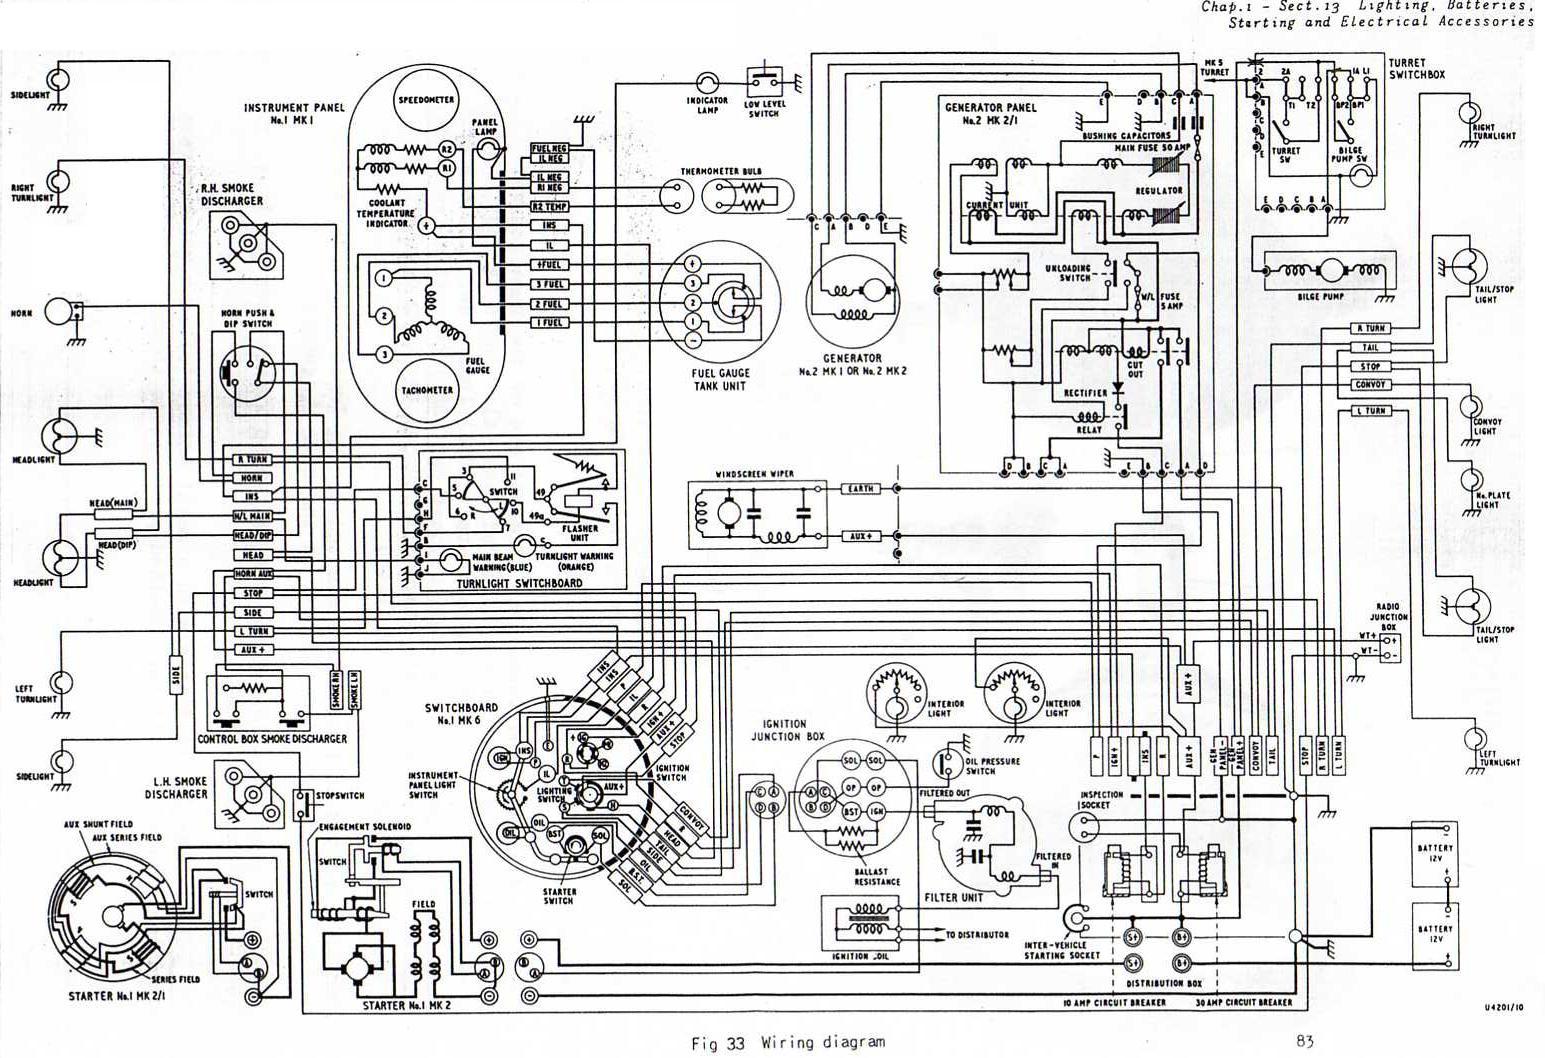 1969_wiring_diagram 1970 chevelle tach wiring